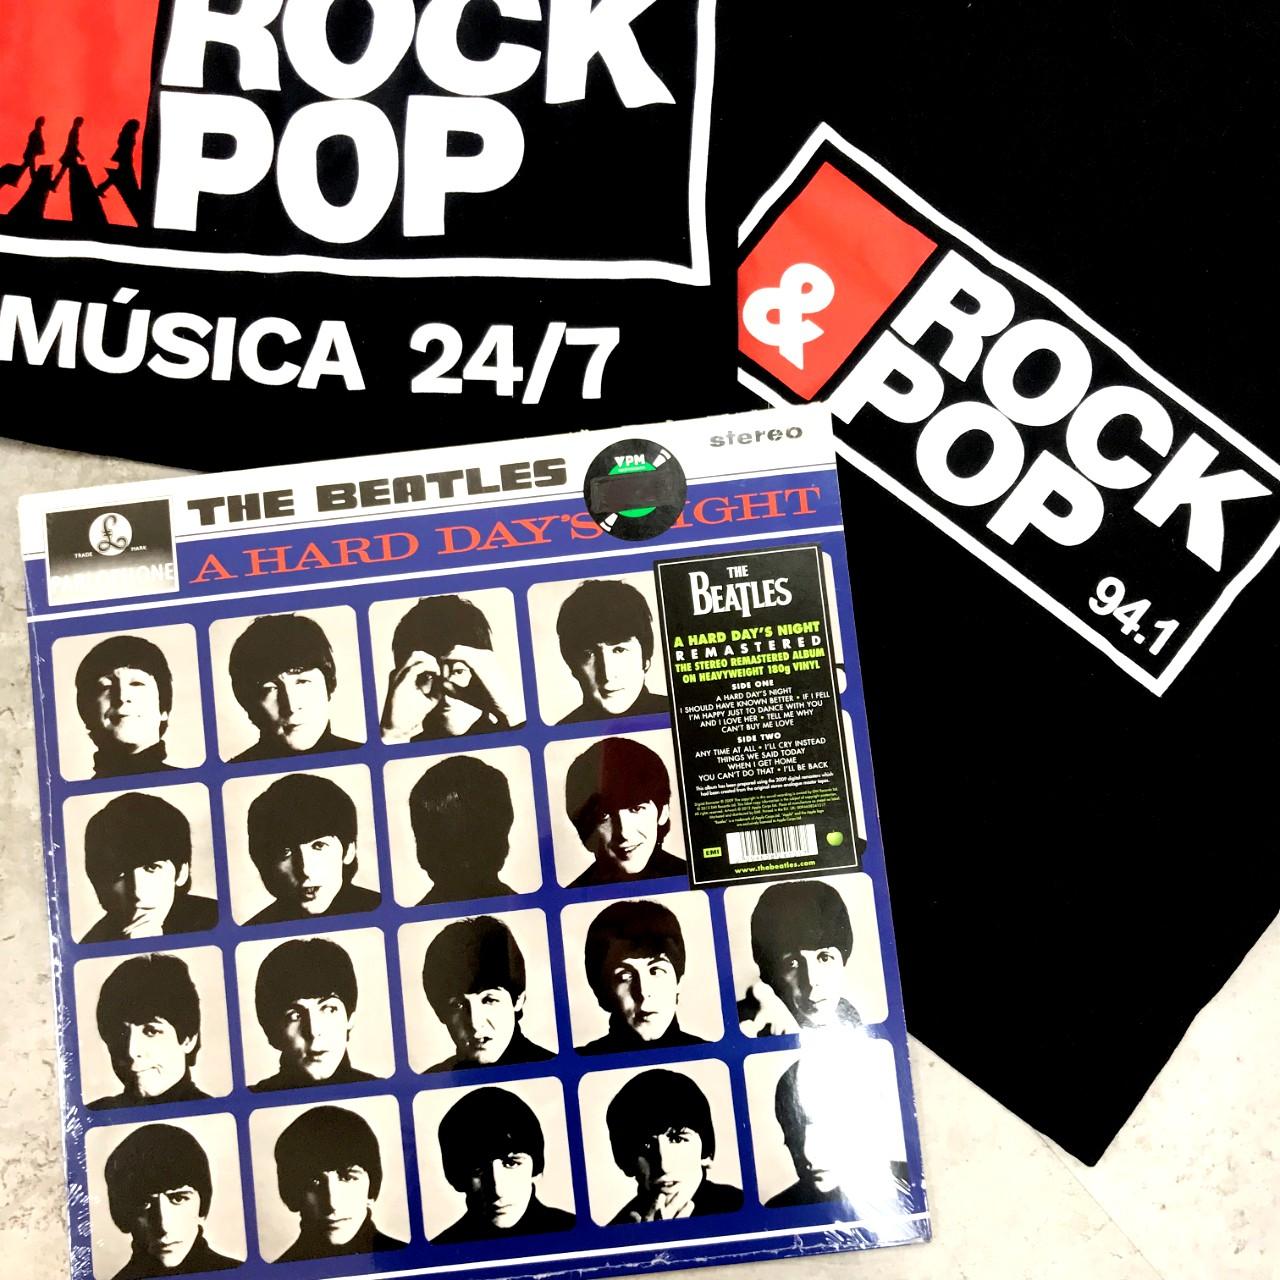 concurso primer año rock & pop música 24/7